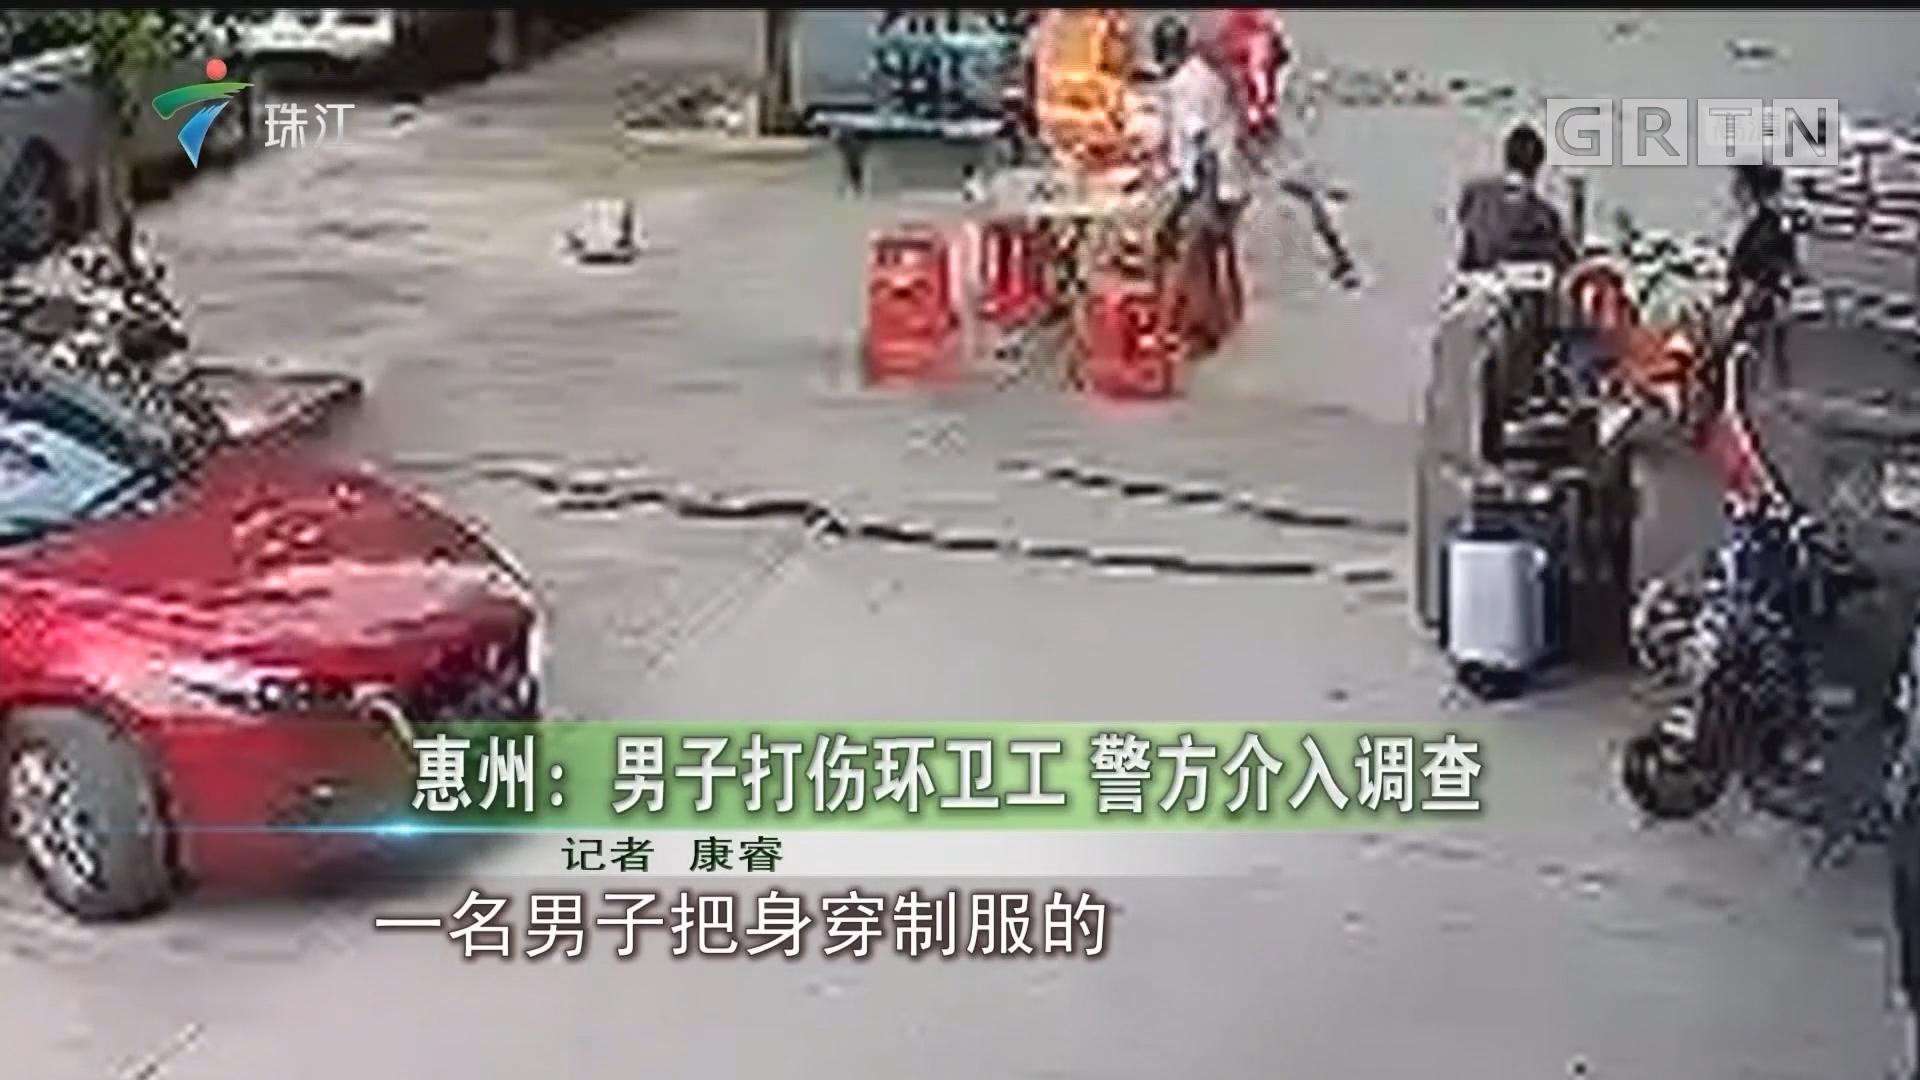 惠州:男子打伤环卫工 警方介入调查